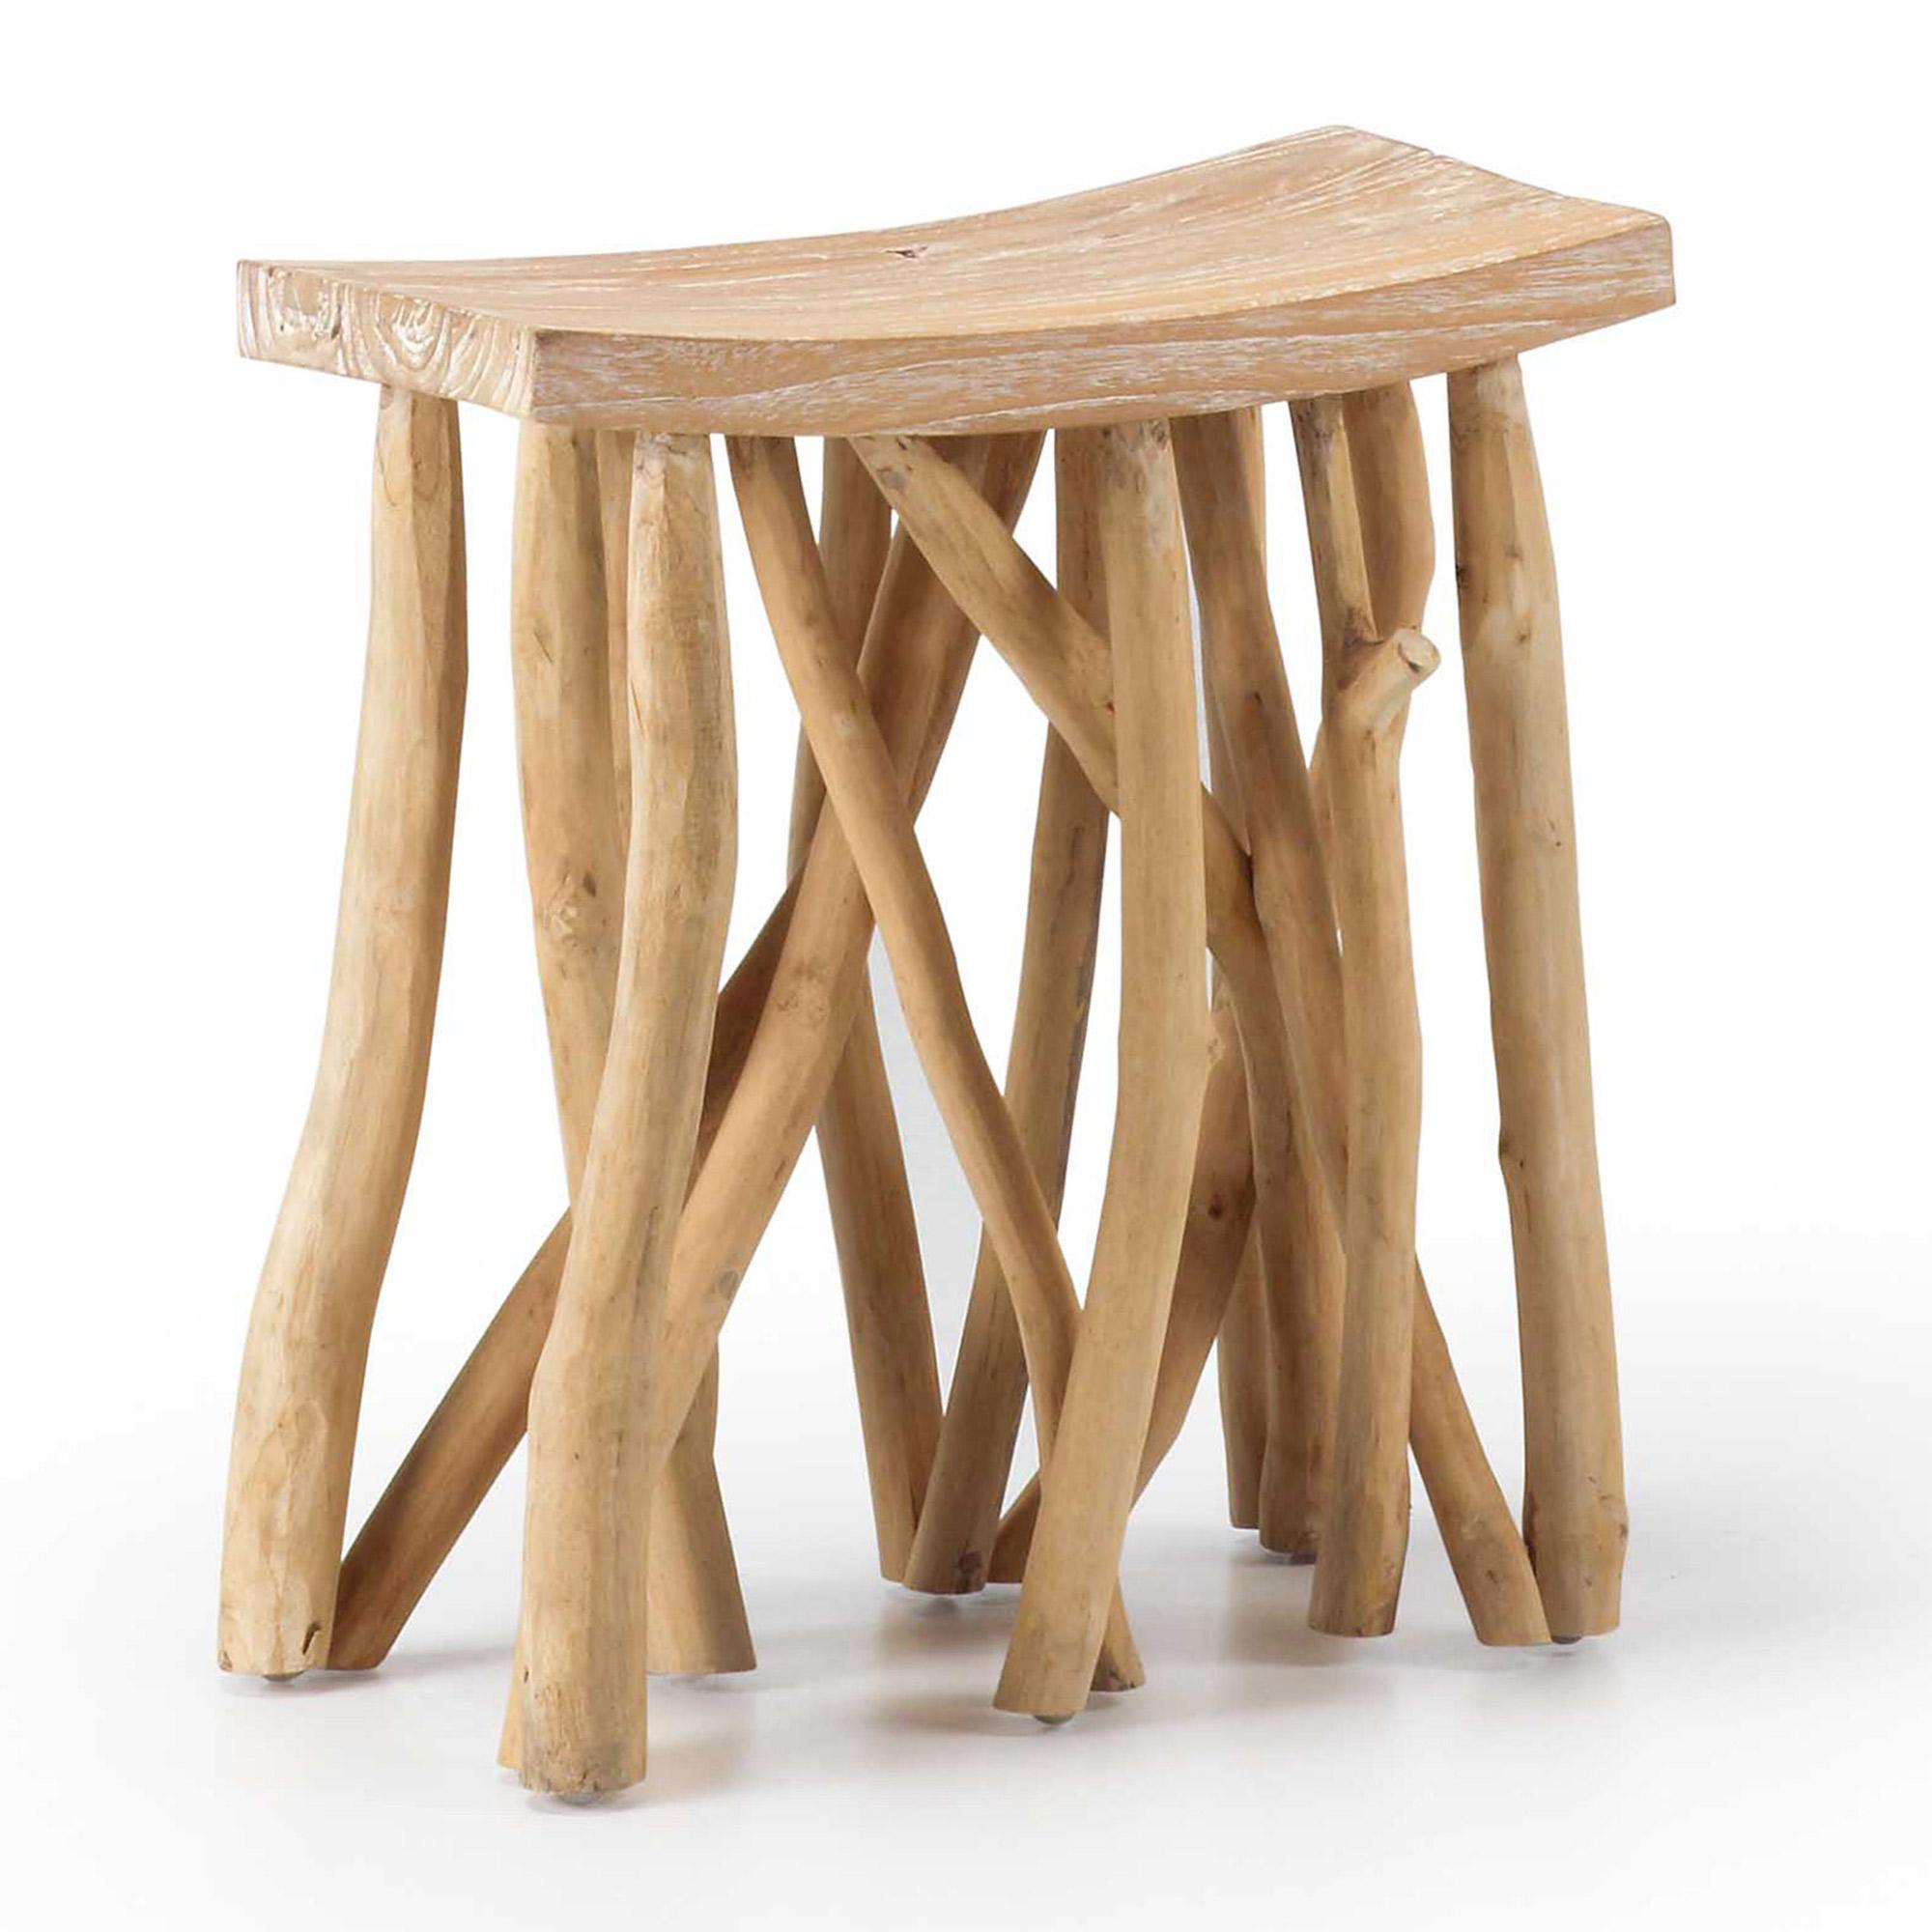 Taburete batavia en madera de teka en for Taburetes de madera